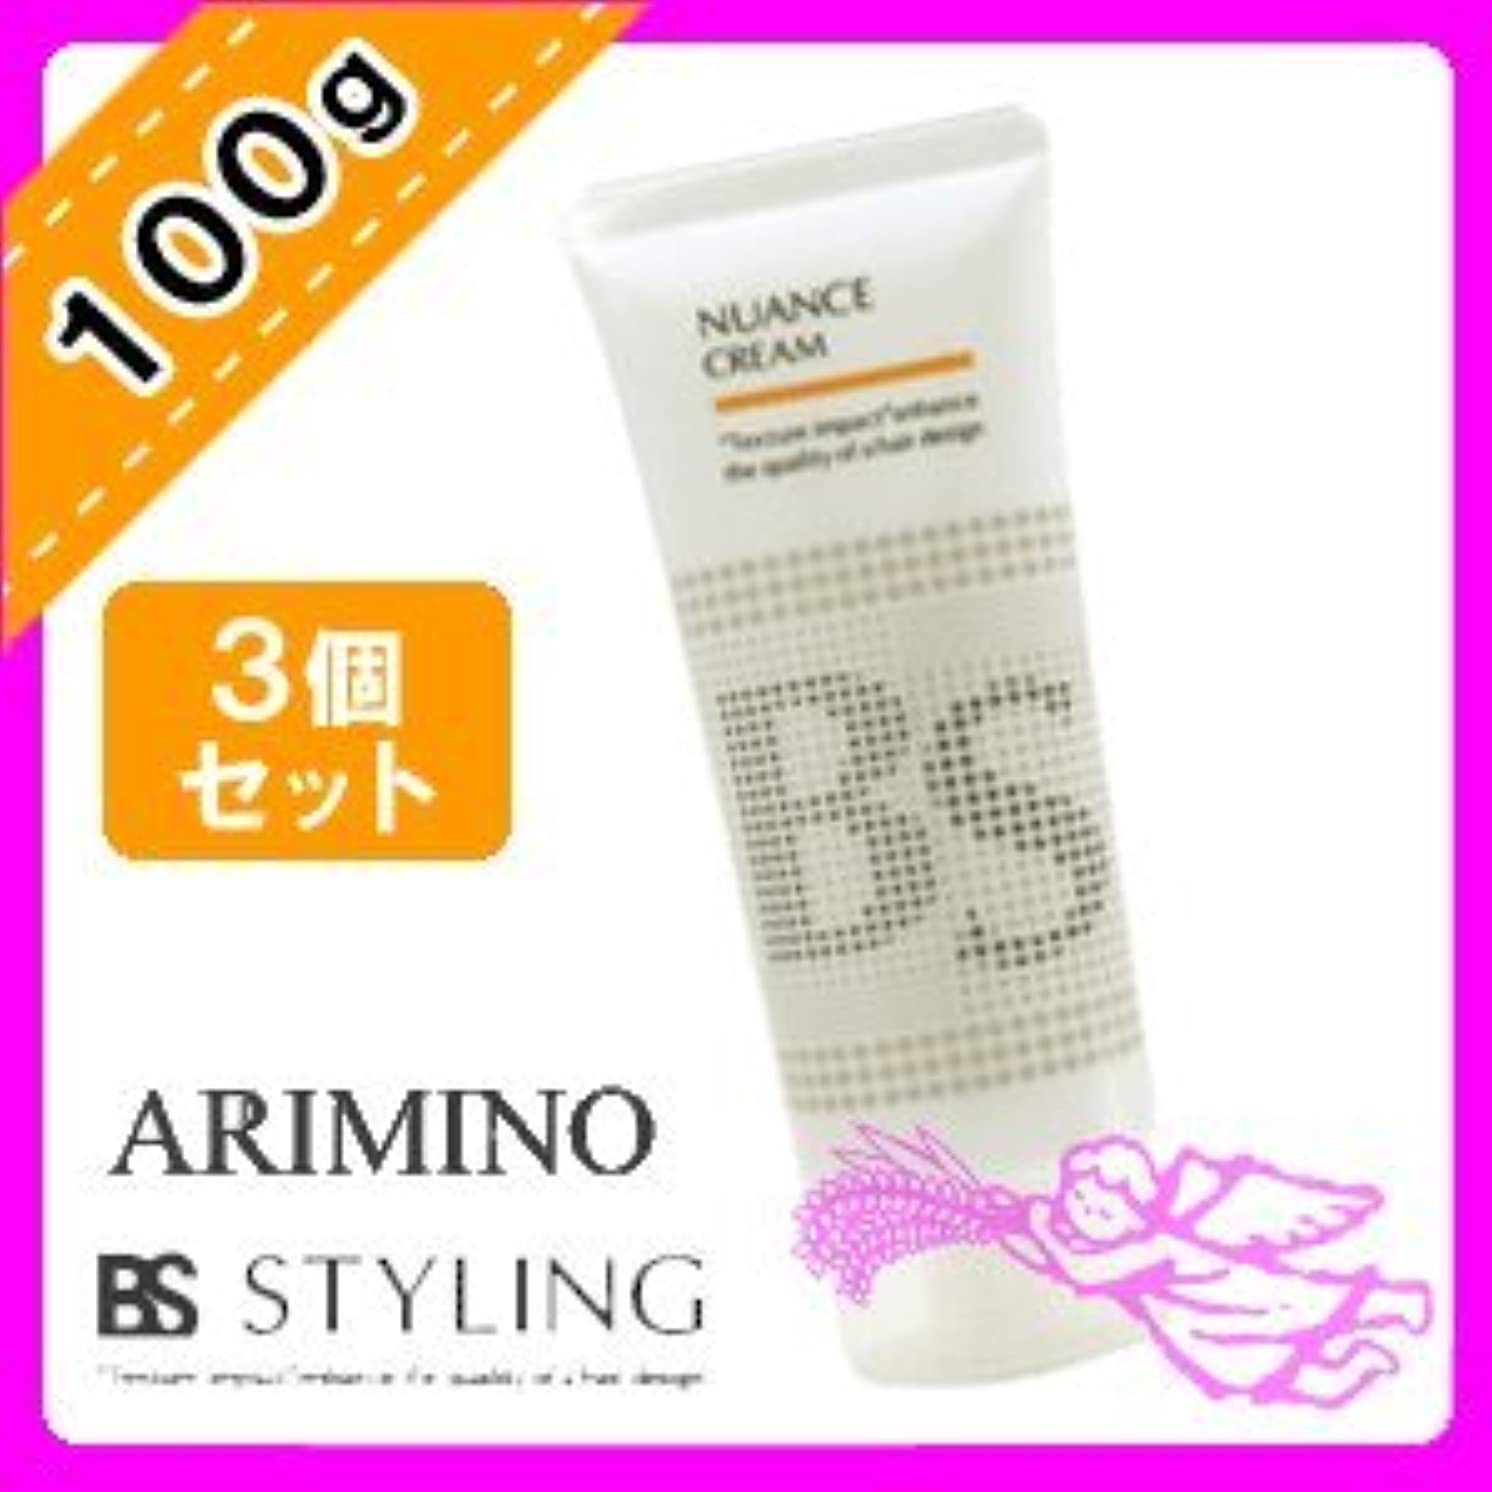 フォーラム理解する人種アリミノ BSスタイリング ニュアンス クリーム 100g x 3個 セット arimino BS STYLING